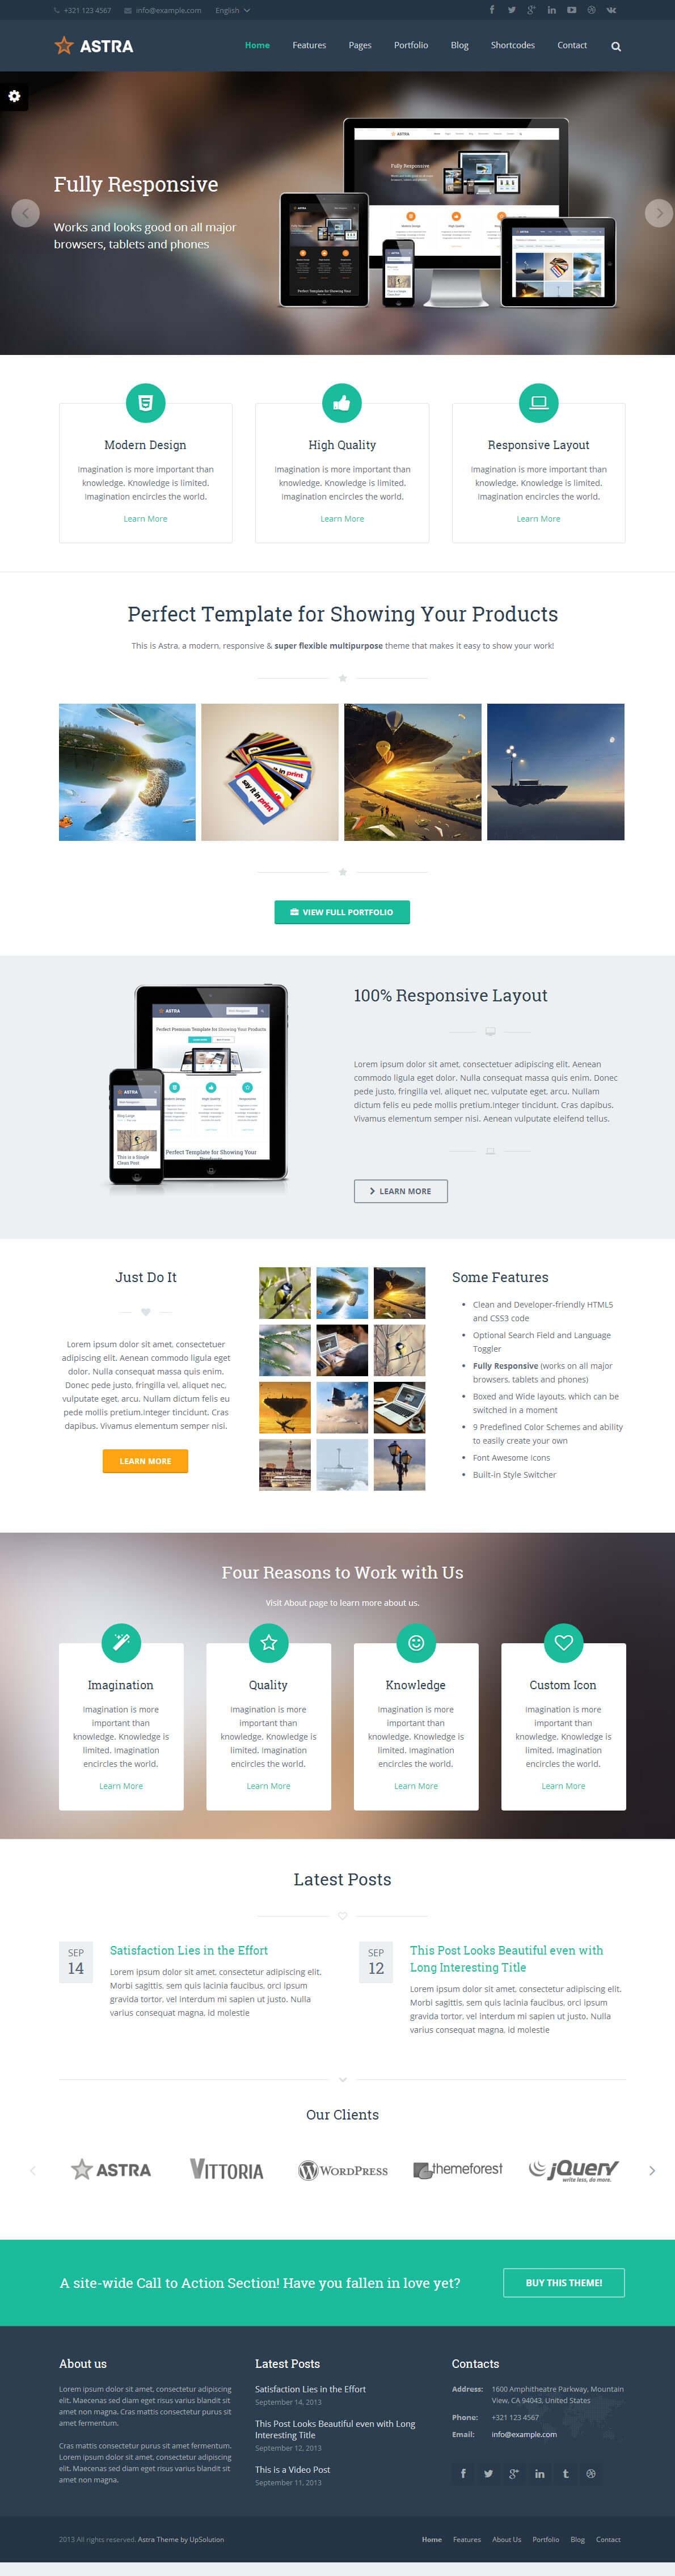 WordPress英文企业响应式主题Astra1.4版本分享